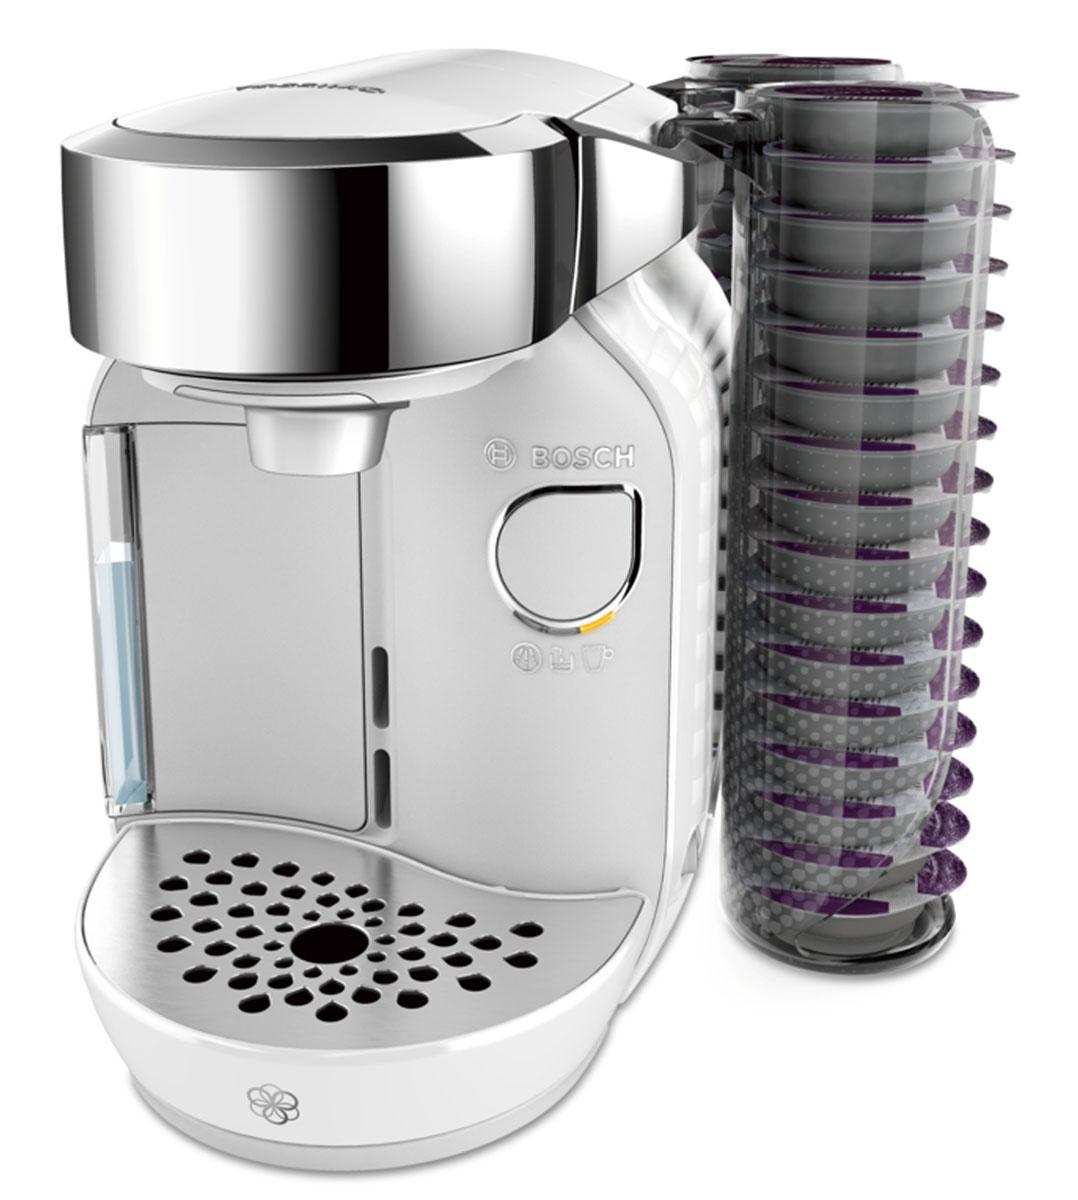 Bosch TAS7004 капсульная кофемашинаTAS7004Когда ваши любимые напитки нужно приготовить быстро, Bosch TAS7004 - неизменно правильный выбор. Кофемашина Tassimo считывает штрих-код, нанесенный на каждую капсулу (Т-диск), и автоматически определяет точную информацию для приготовления идеального напитка: количество воды, время заваривания, температура. Благодаря элегантному дизайну и компактным размерам Bosch TAS7004 станет стильным дополнением вашего дома и будет готовить изысканные напитки почти мгновенно, радуя вас и ваших гостей.Bosch TAS7004 имеет проточный водонагреватель, который обеспечивает быструю готовность к работе, оптимальный режим приготовления выбранного напитка, а также являются энергоэкономичными.Резервуар для воды легко снять и наполнить. Он вмещает до 1,2 л воды. Кофемашина Bosch TAS7004 оснащена программой автоматической очистки и удаления накипи, а также автоматически отключается после цикла заваривания.